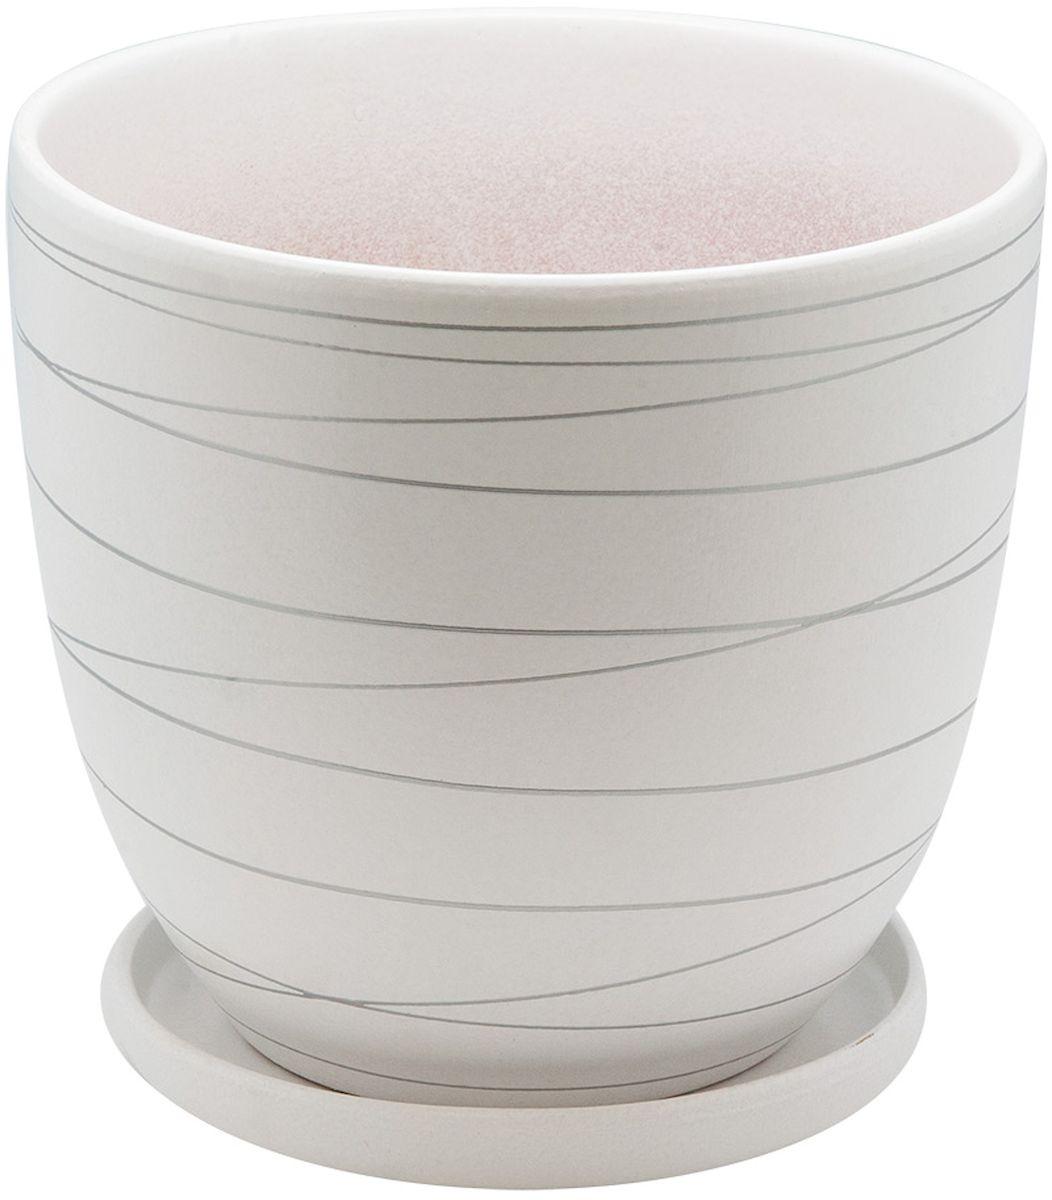 Горшок цветочный Engard, с поддоном, цвет: белый, серебристый, 4,7 л531-401Керамический горшок - это идеальное решение для выращивания комнатных растений и создания изысканности в интерьере. Керамический горшок сделан из высококачественной глины в классической форме и оригинальном дизайне.